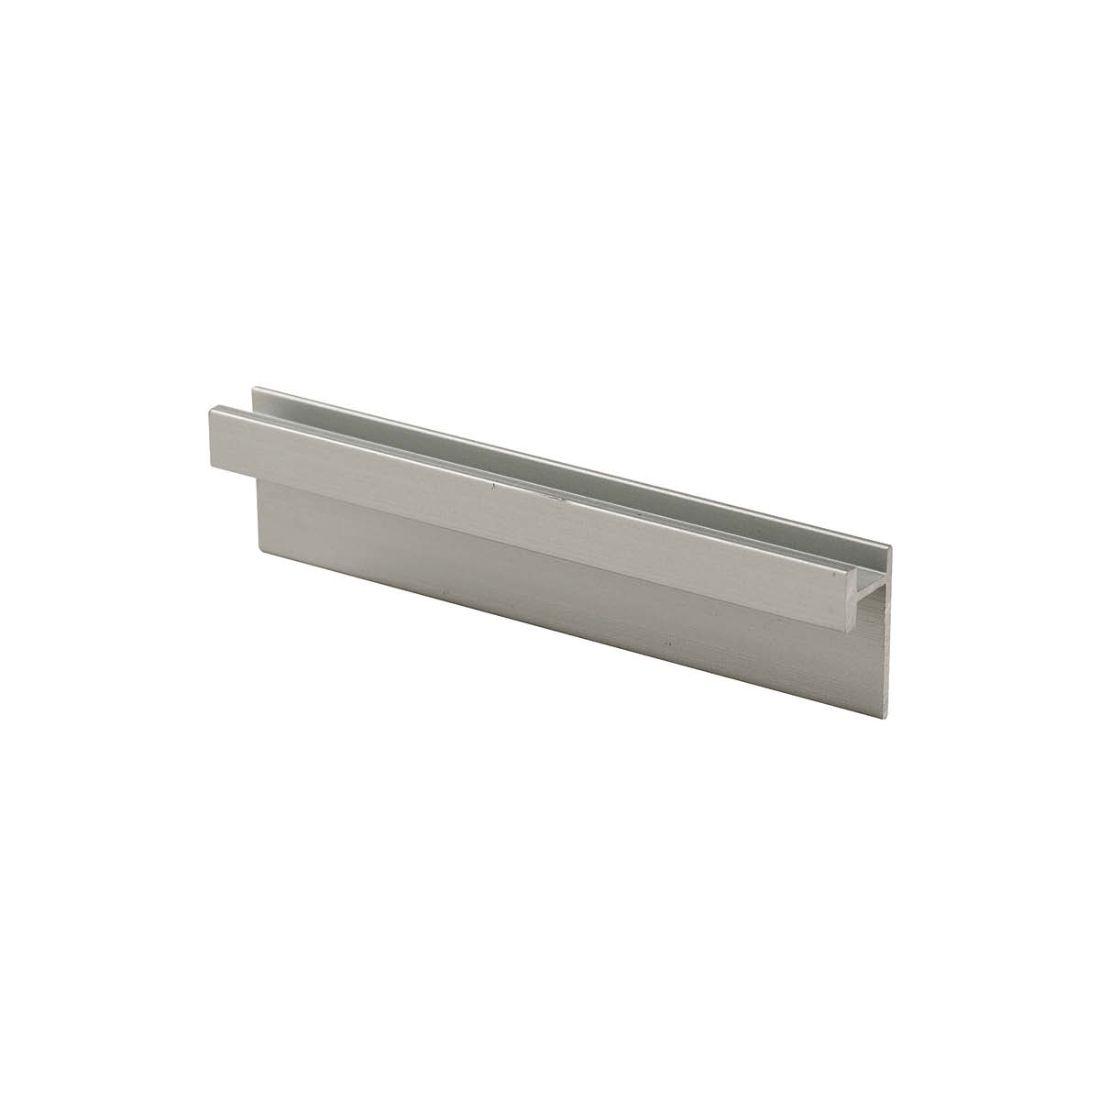 Aluminium H Jointer Concrete 2700 x 4.5mm